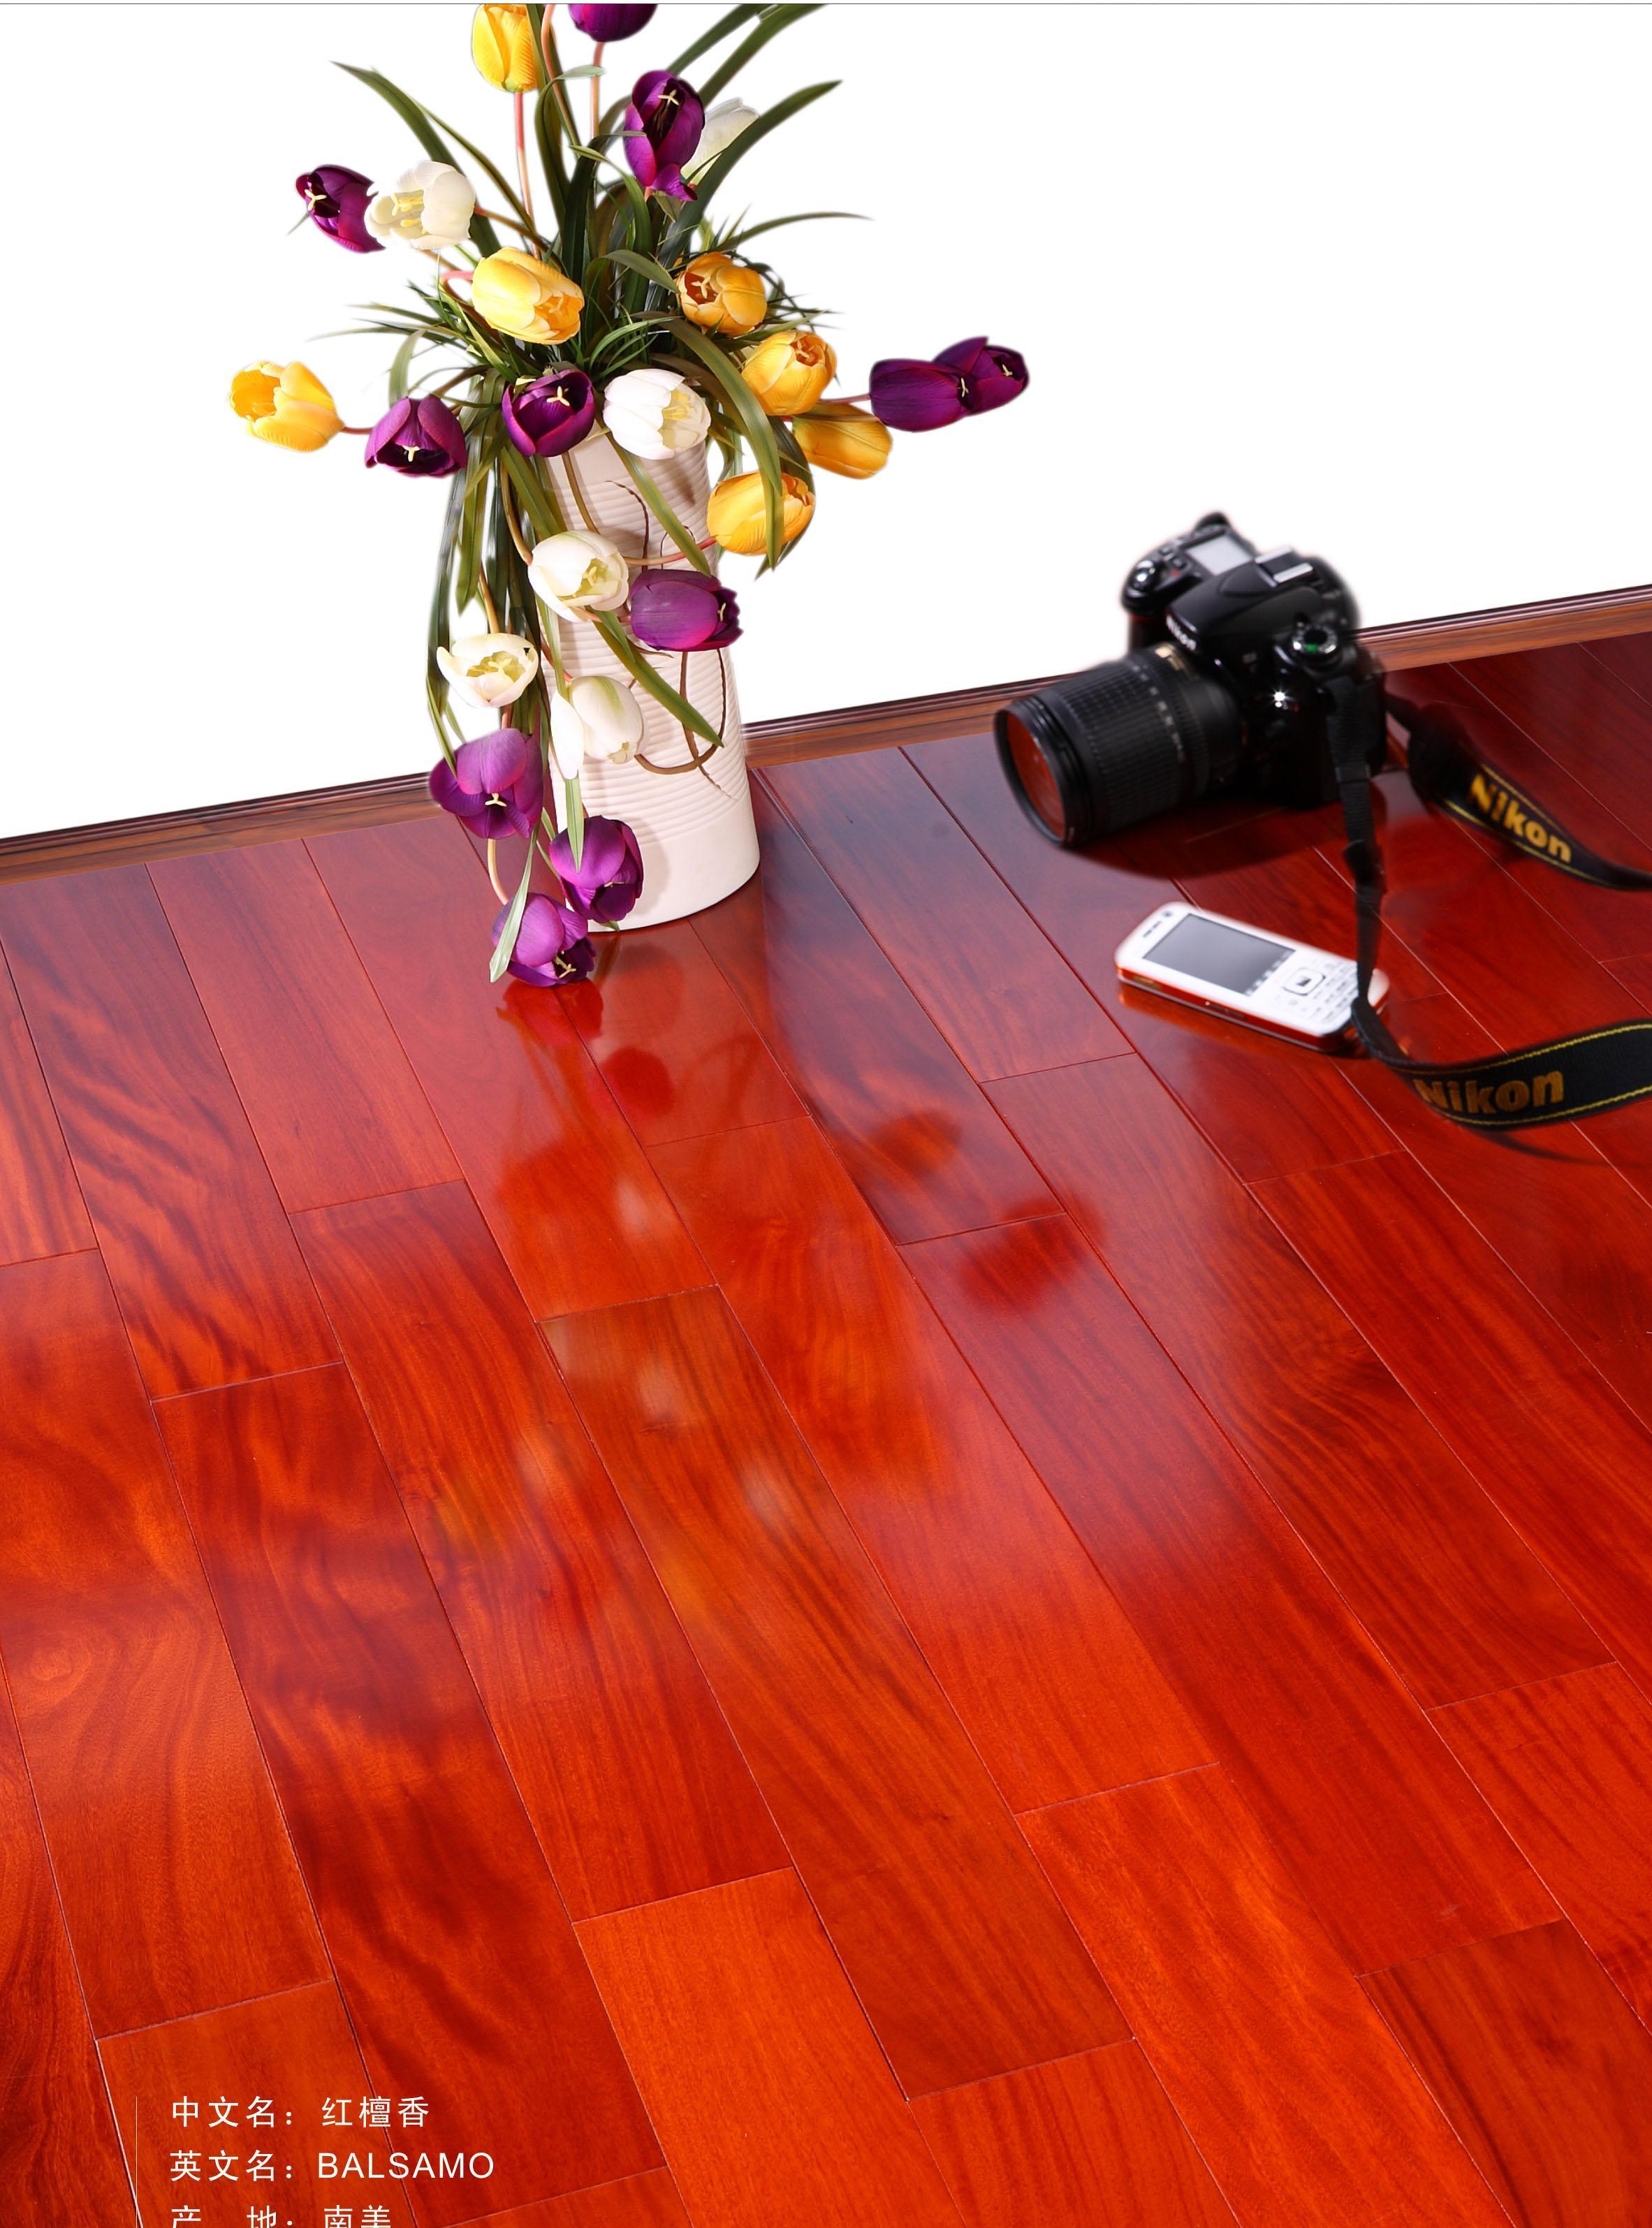 新绿洲直线实木系列红檀香实木地板红檀香